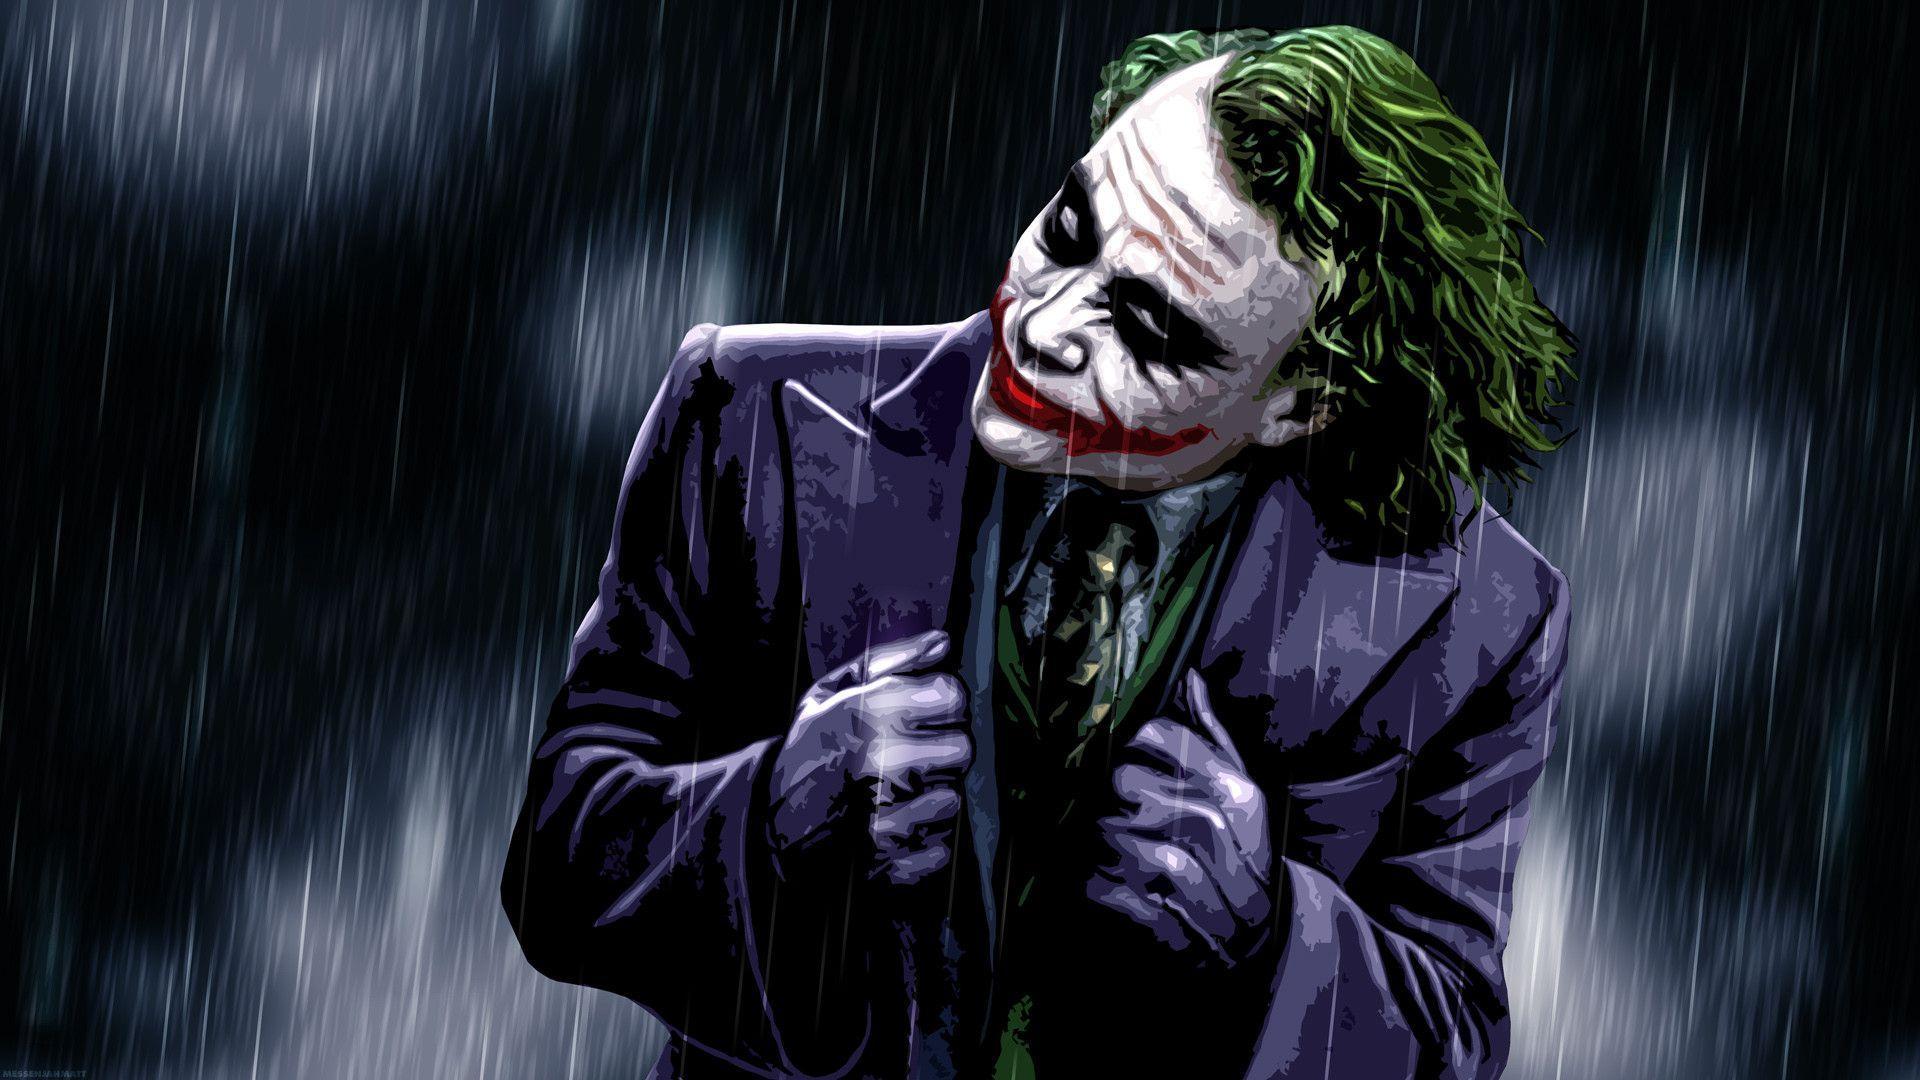 Joker Dark Knight Wallpapers 1920x1080